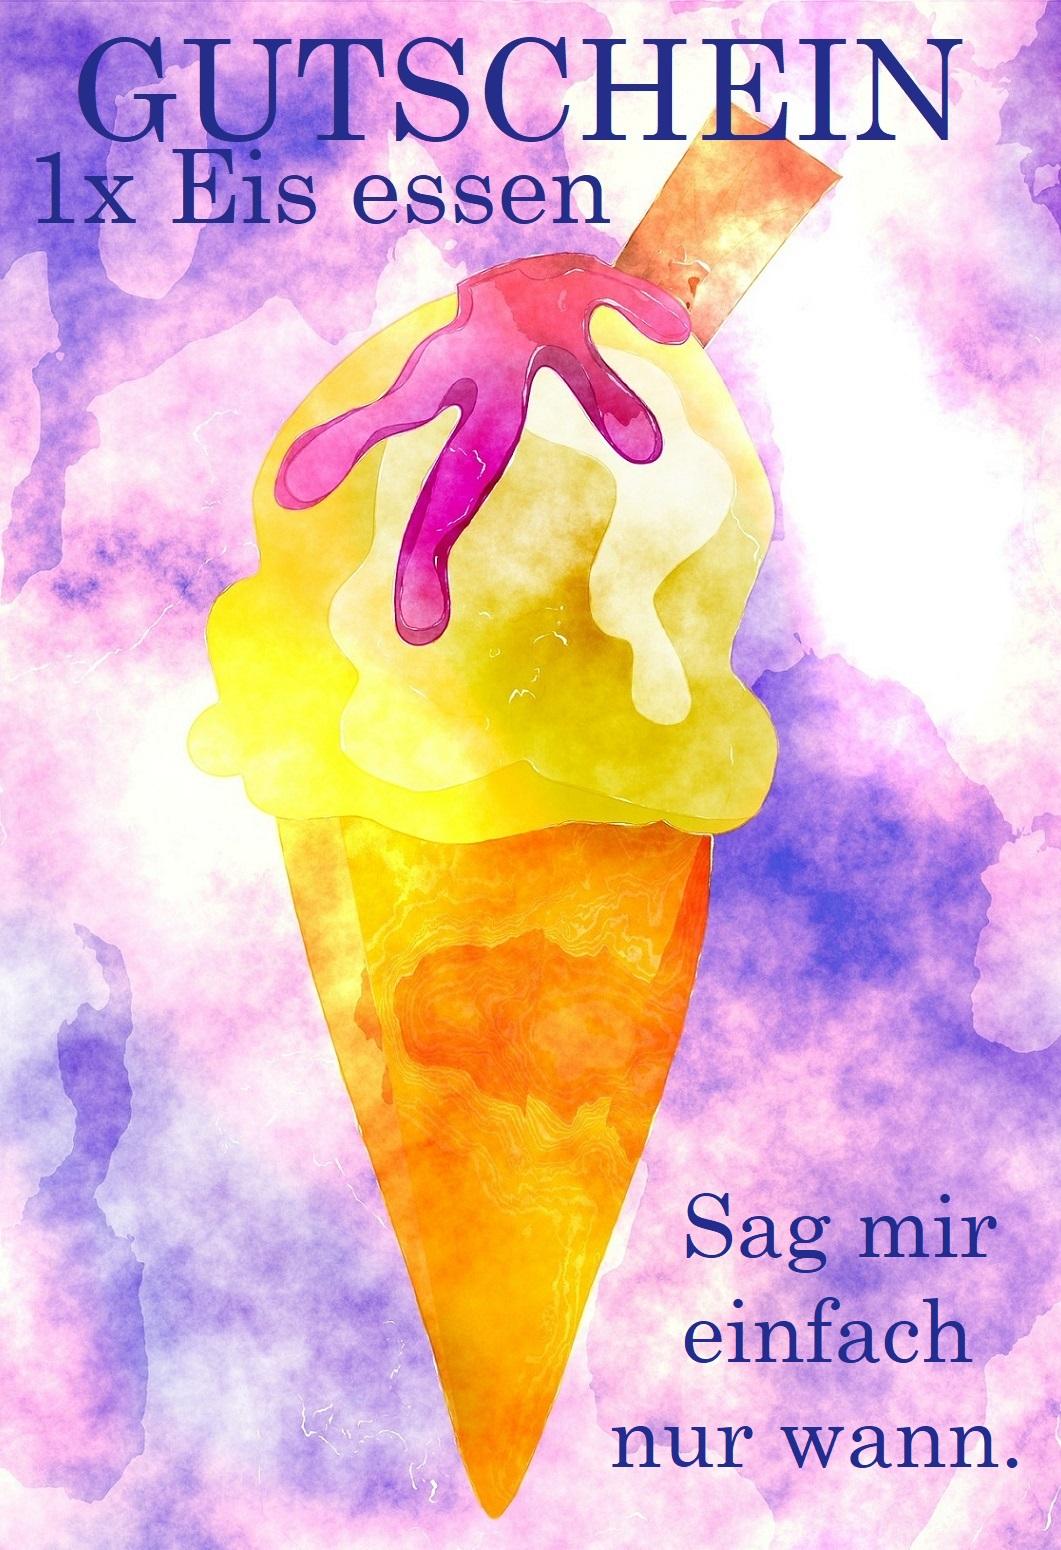 Für eis basteln gutschein essen Eis essen: